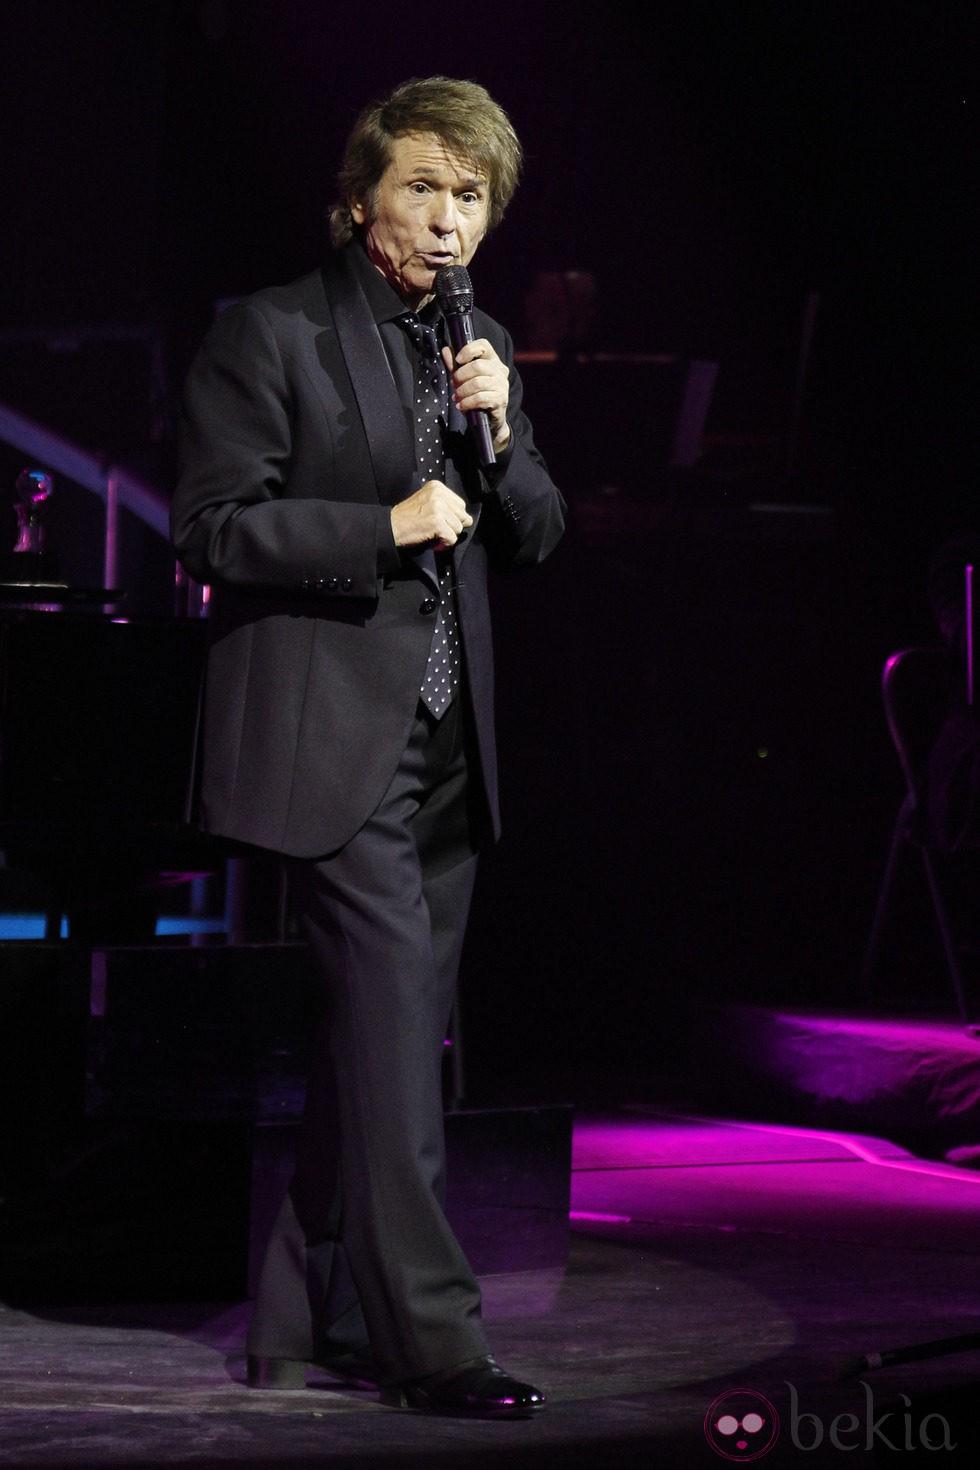 Raphael en un concierto en Madrid dentro de su tour 'Mi gran noche'